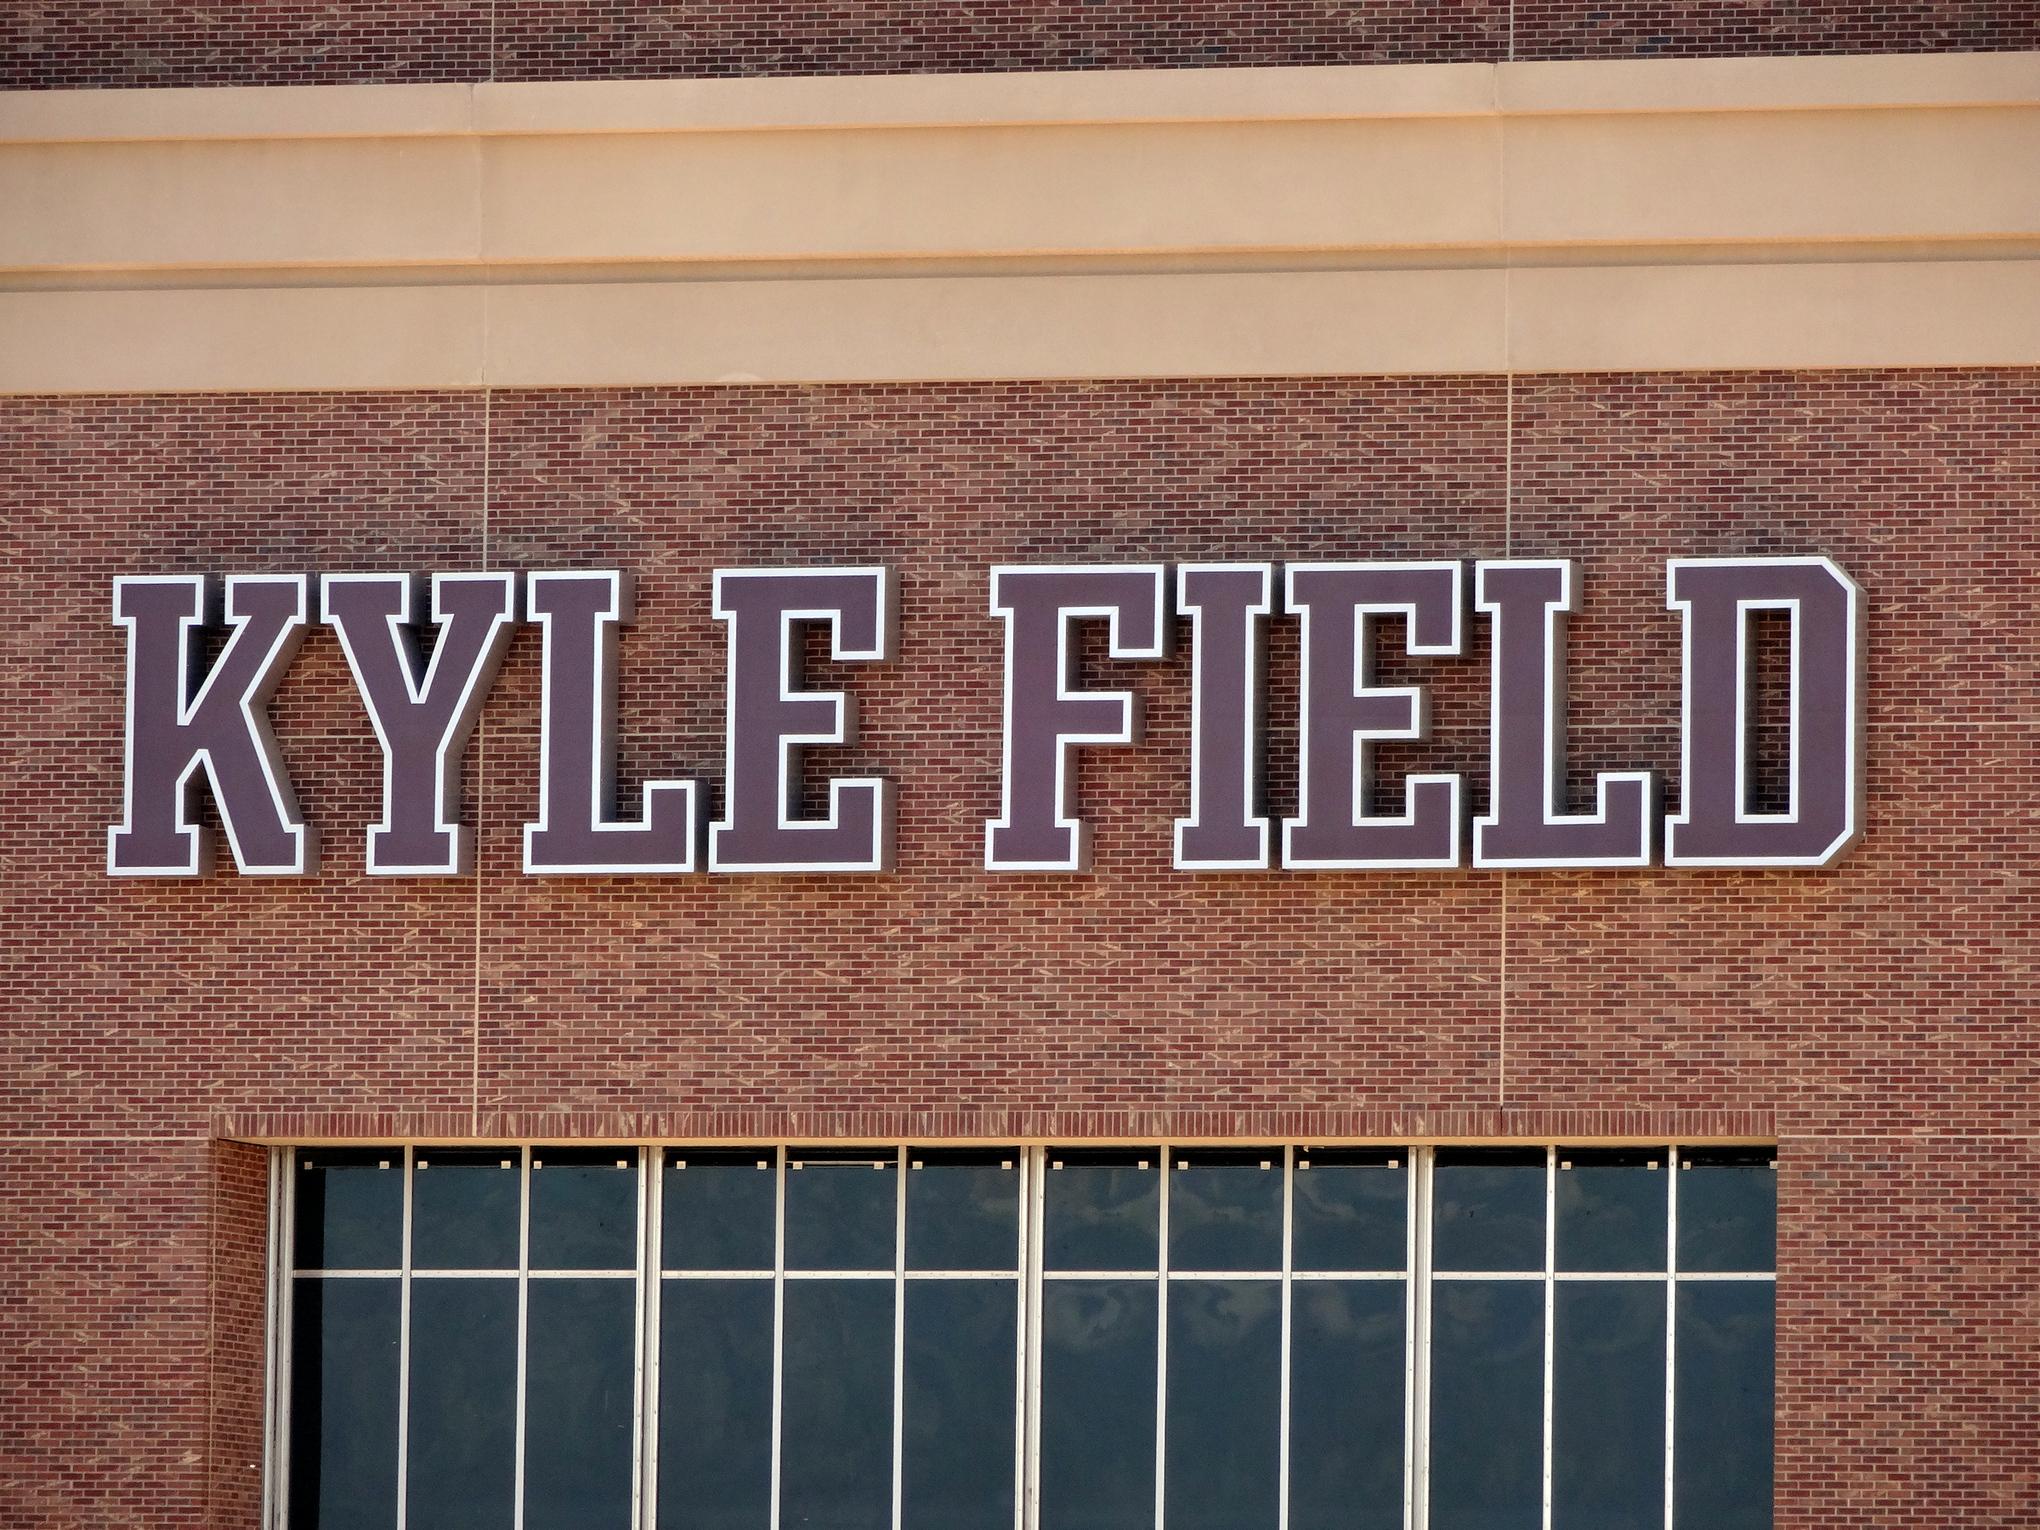 Kylefield06